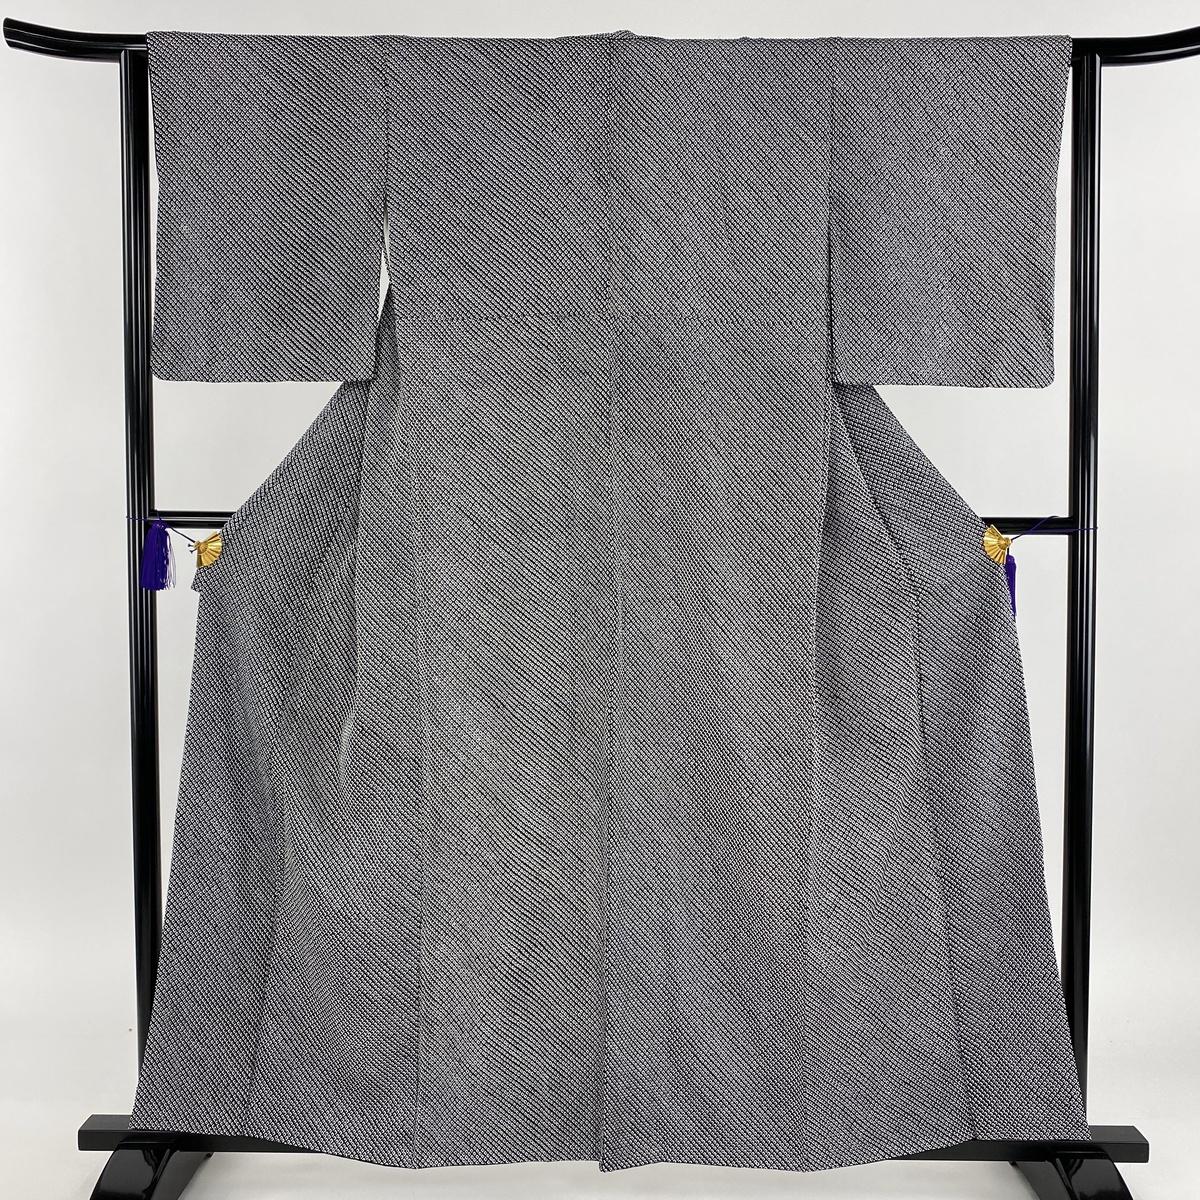 小紋 名品 総絞り 黒 袷 身丈159cm 裄丈63.5cm S 正絹 【中古】